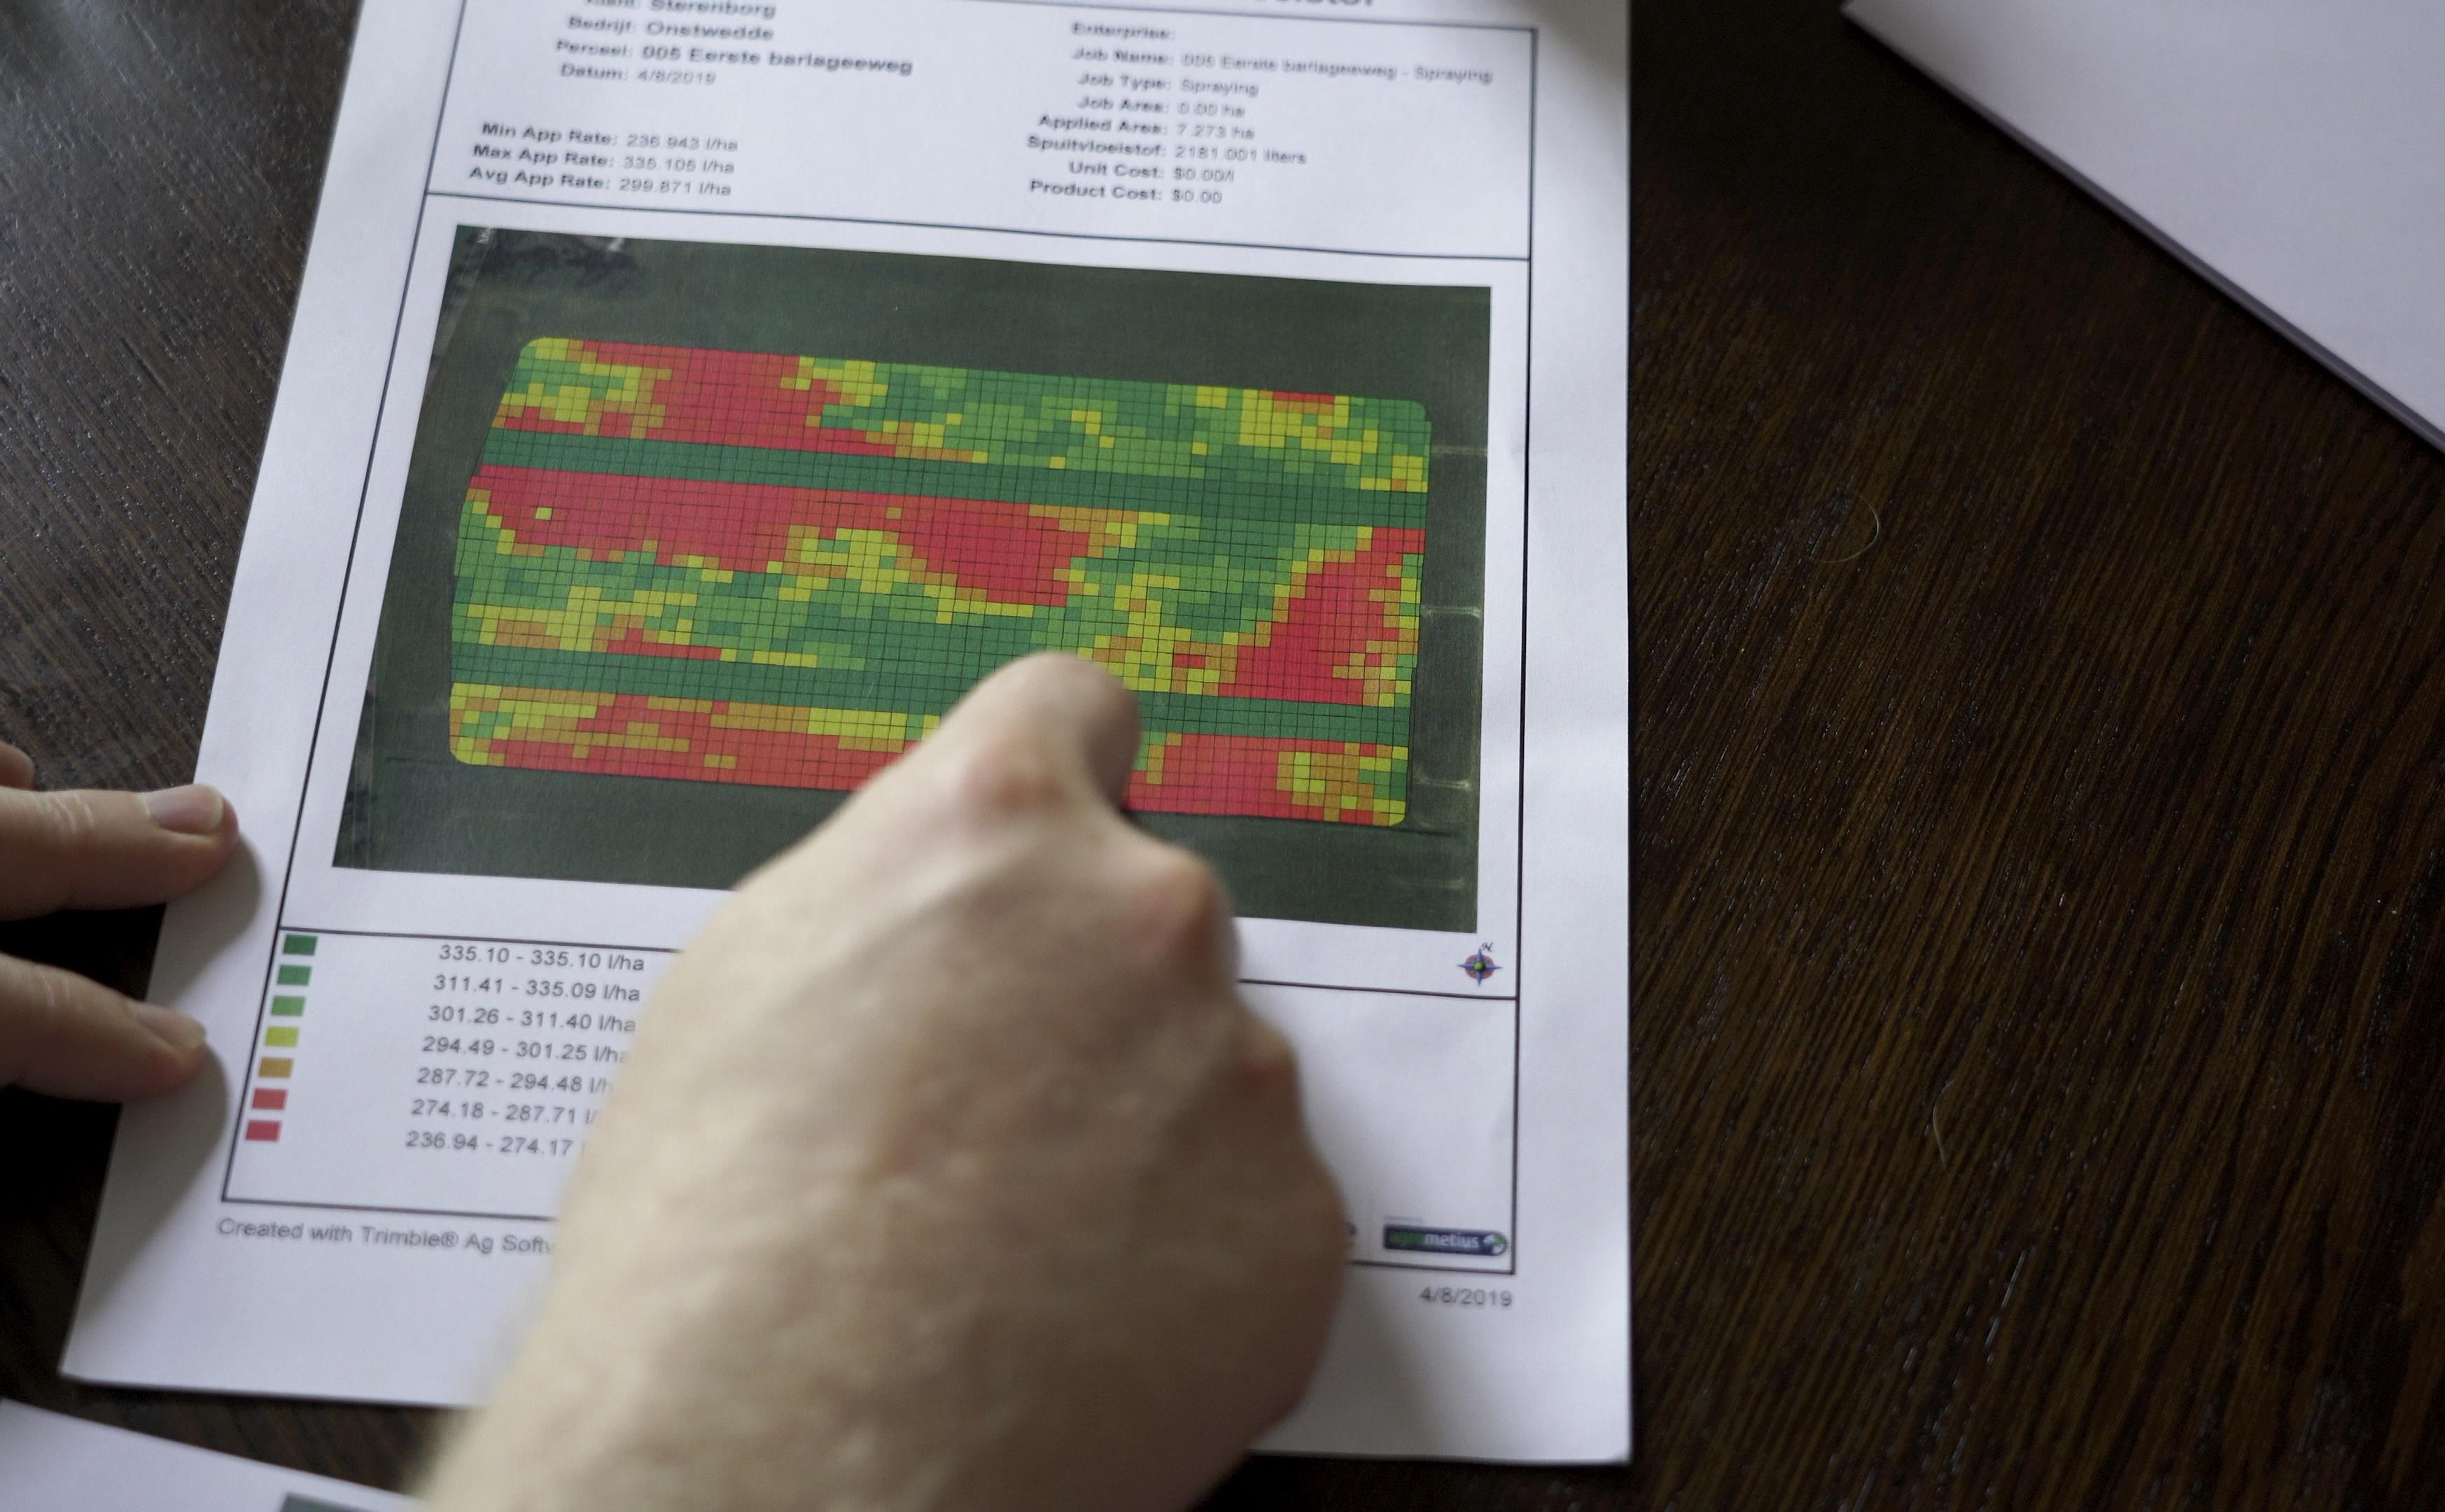 De bodemherbiciden taakkaart voor perceel Eerste Barlageweg met 3x3 m grote grids en variatie in dosering van 235 tot 335 l/ha. Nanne wijst een van de twee 9 m brede referentiestroken aan die de standaarddosering (300 l/ha) kregen.